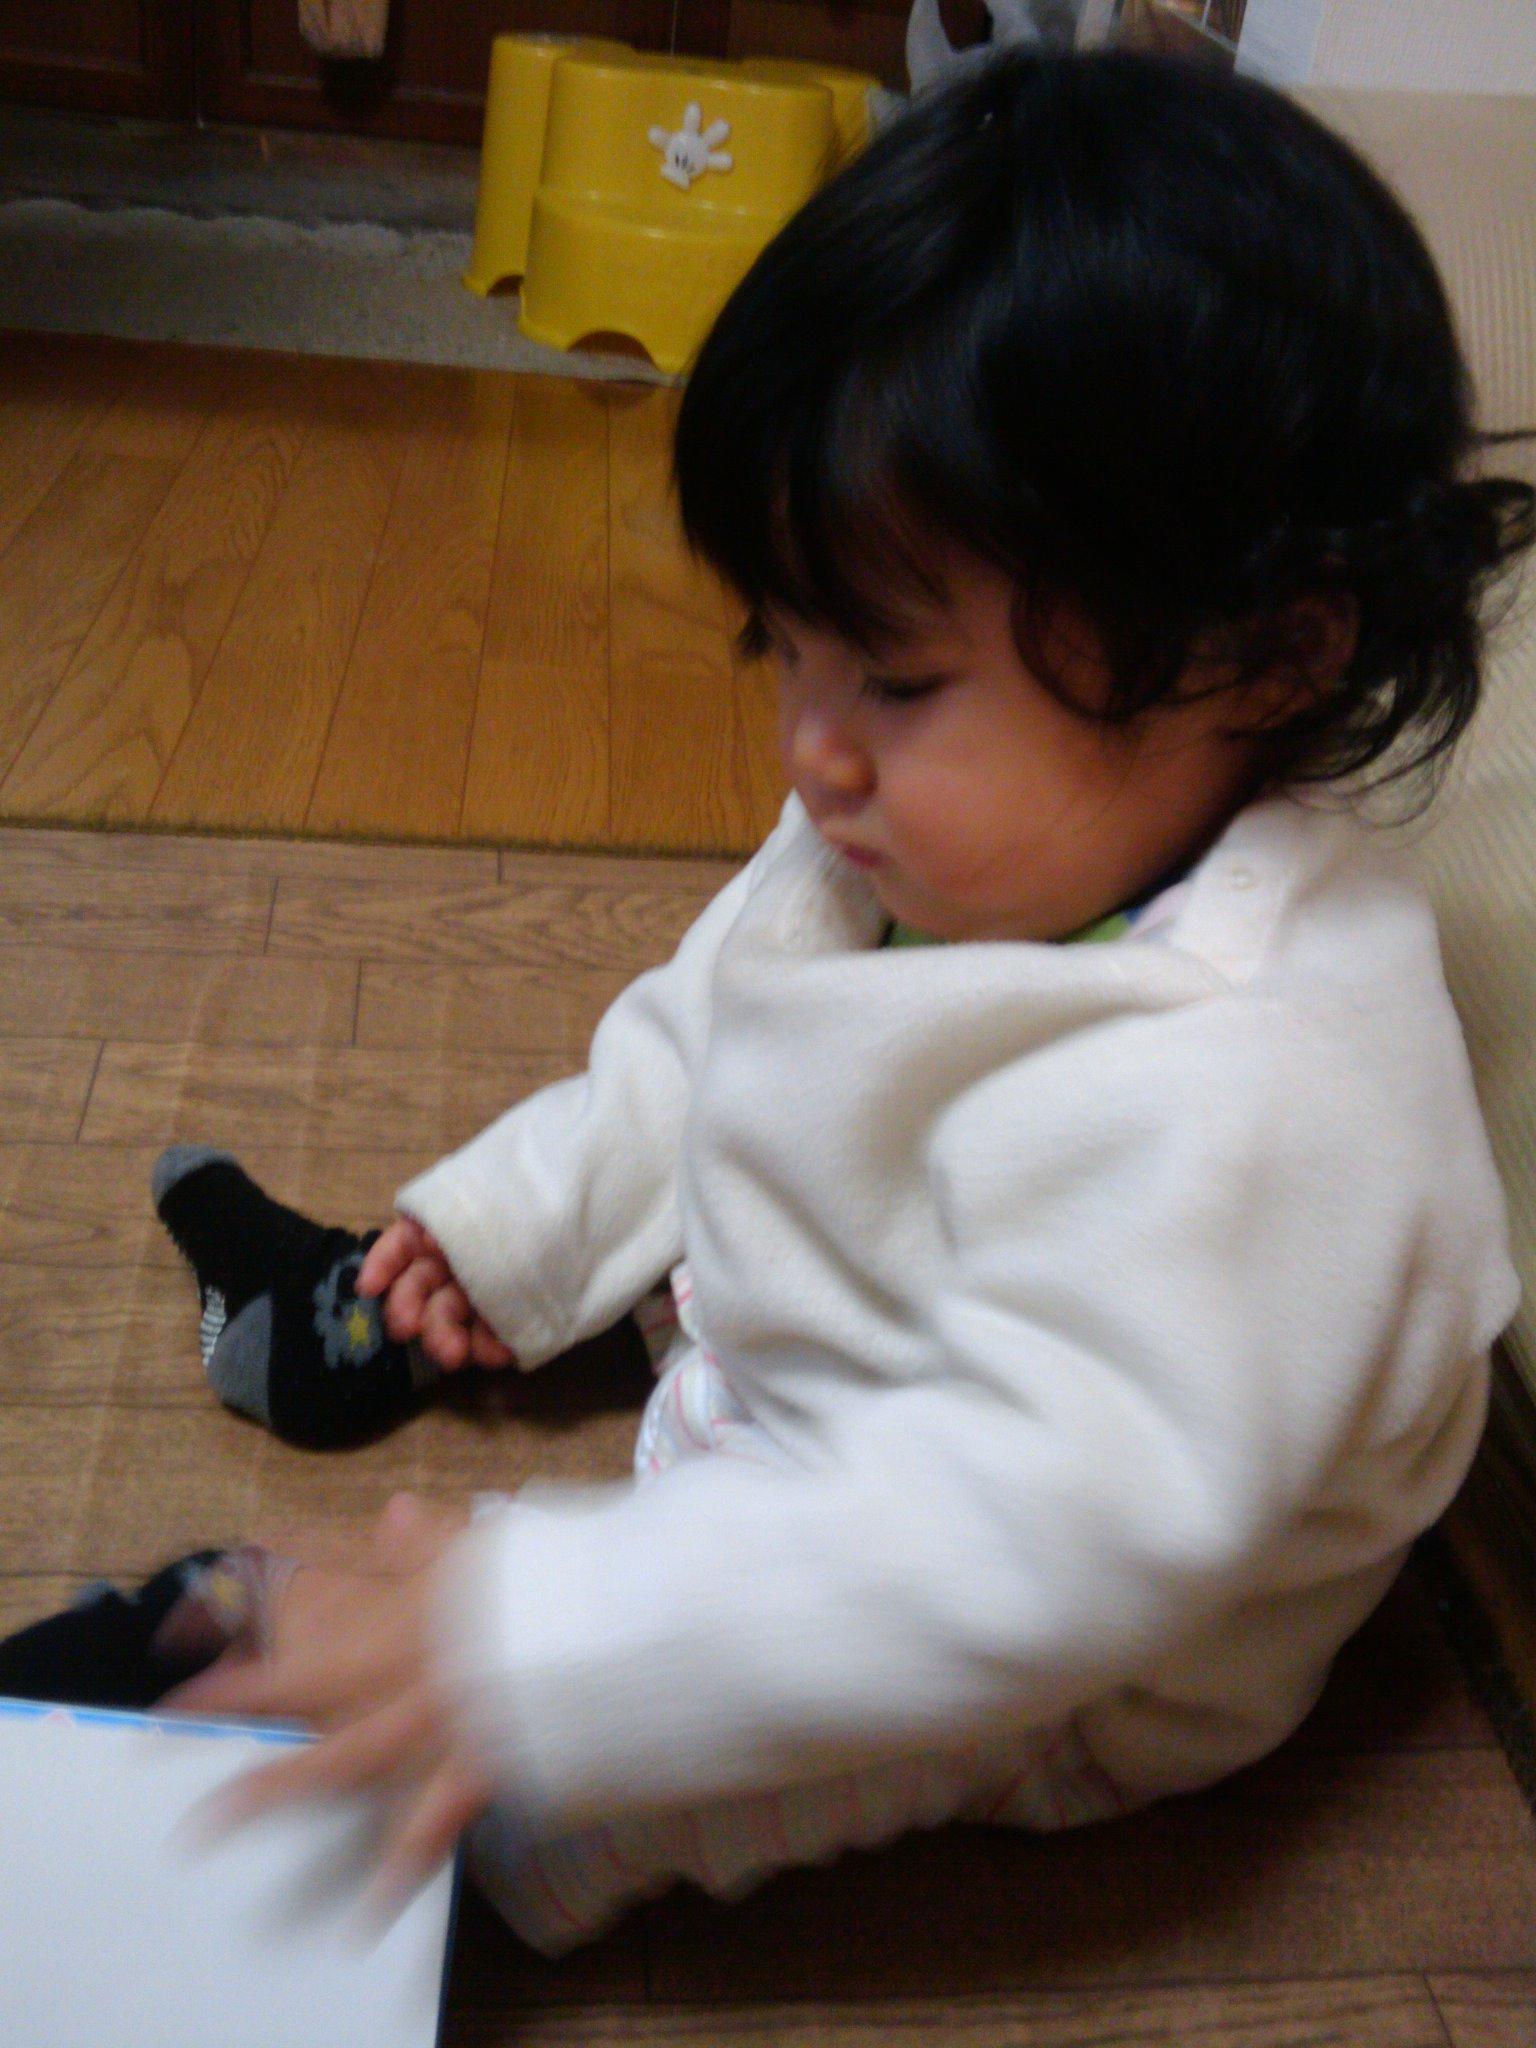 息子の1歳の誕生日に思うこと--Hope(希望)の持てる社会_e0123104_741322.jpg